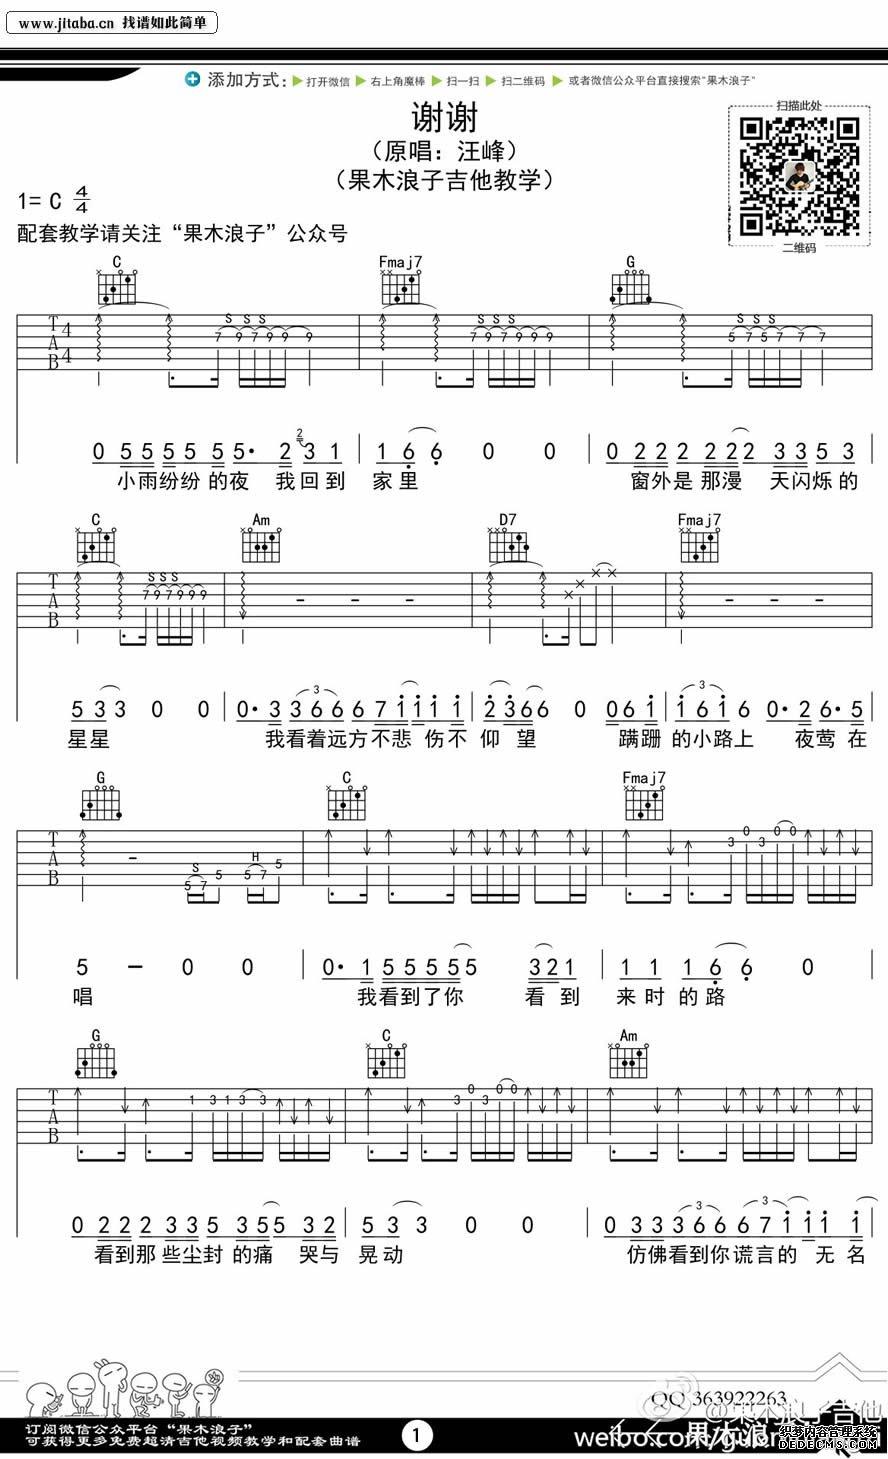 汪峰谢谢吉他谱,C调指法,谢谢吉他谱,谢谢六线谱高清版,一共5张图片谱子。这是汪峰的原创新歌,《谢谢》吉他弹唱谱,特别感谢果木浪子老师为大家编配分享,编者语:汪峰是我多年一直非常喜欢的音乐人,从鲍家街时期一直到现在,他写的不只是歌,是人生是经历,每首歌都像一个故事,就像我在制作这首吉他谱输入歌词时,也被歌词感动着,太有画面感。